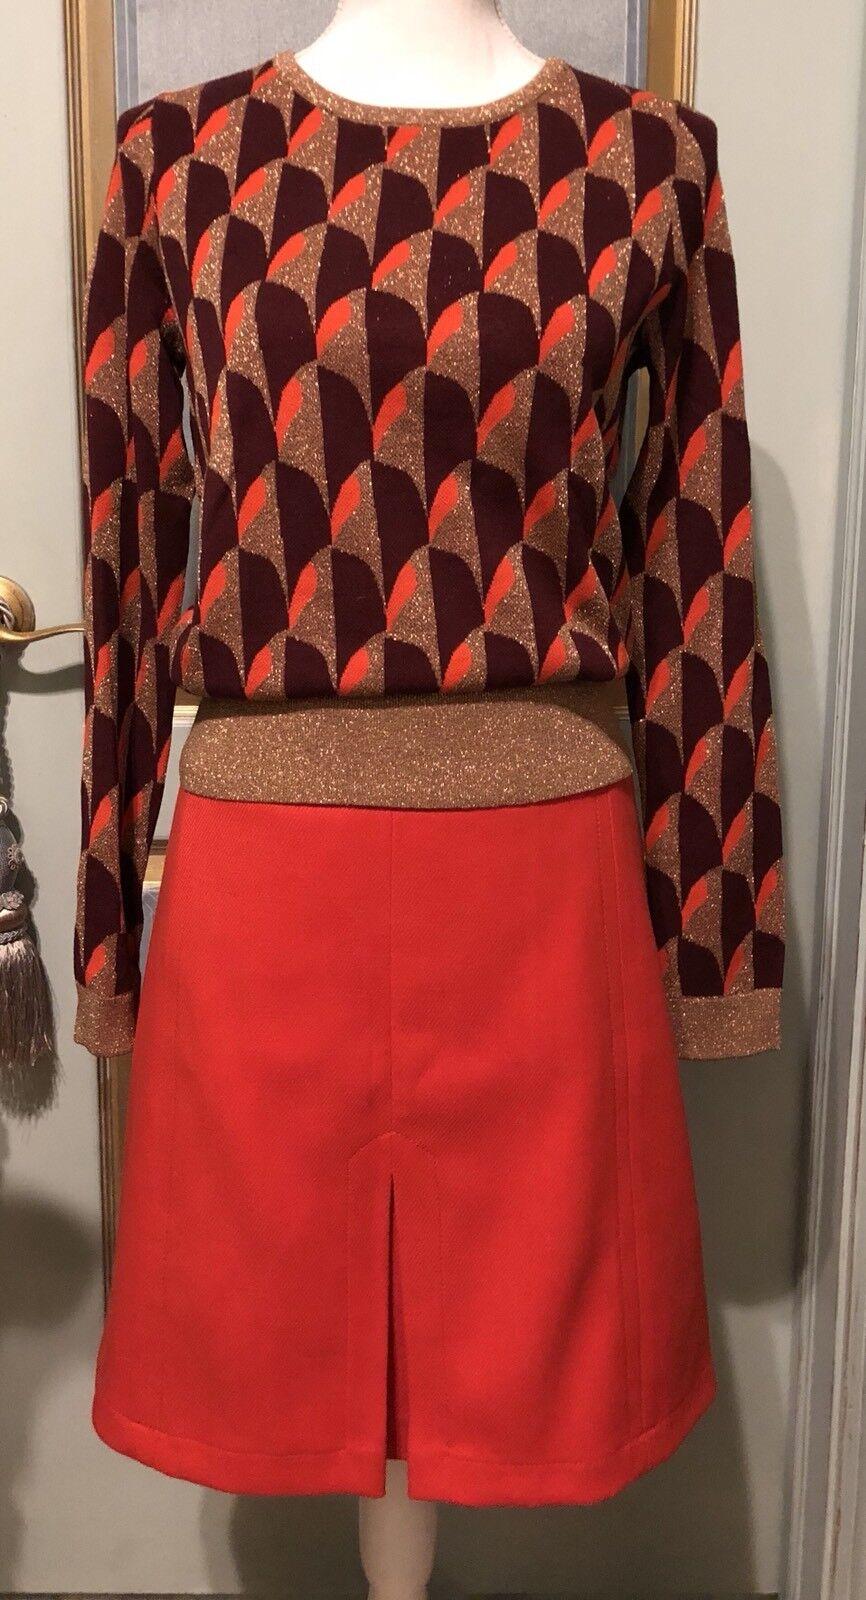 NWT Ann Taylor orange Burgundy guld tröja Storlek M  140